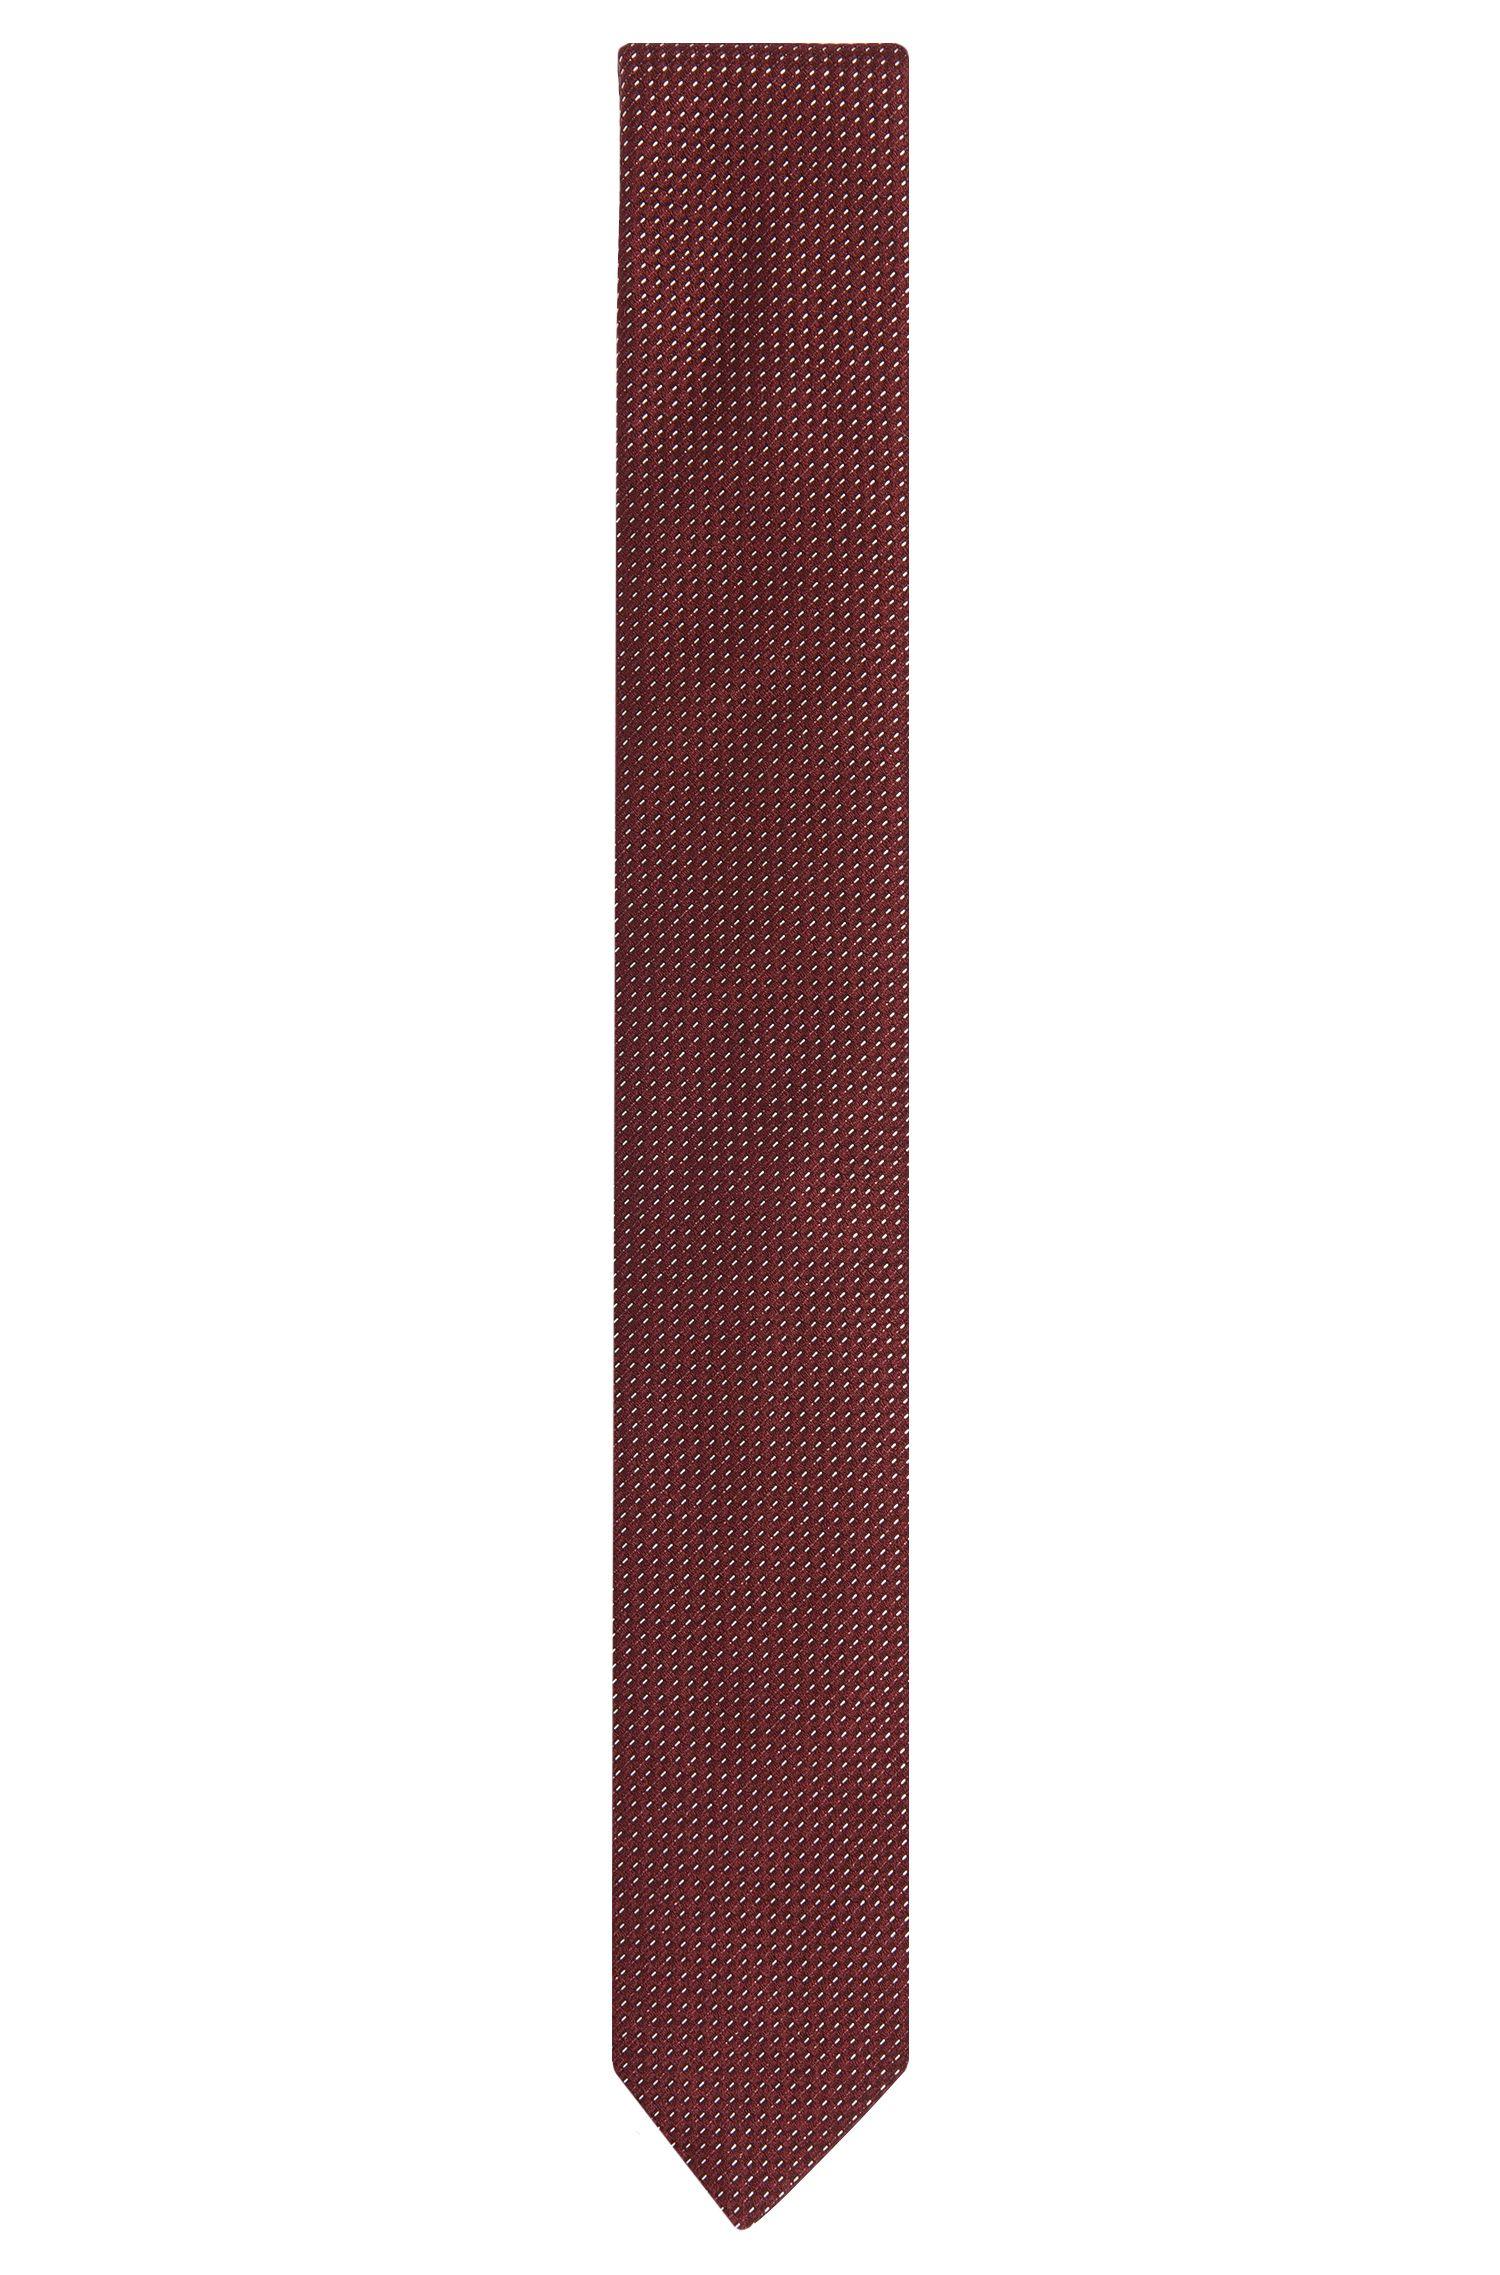 Fein strukturierte Krawatte aus Seiden-Mix mit Baumwolle: 'Tie cm 6'